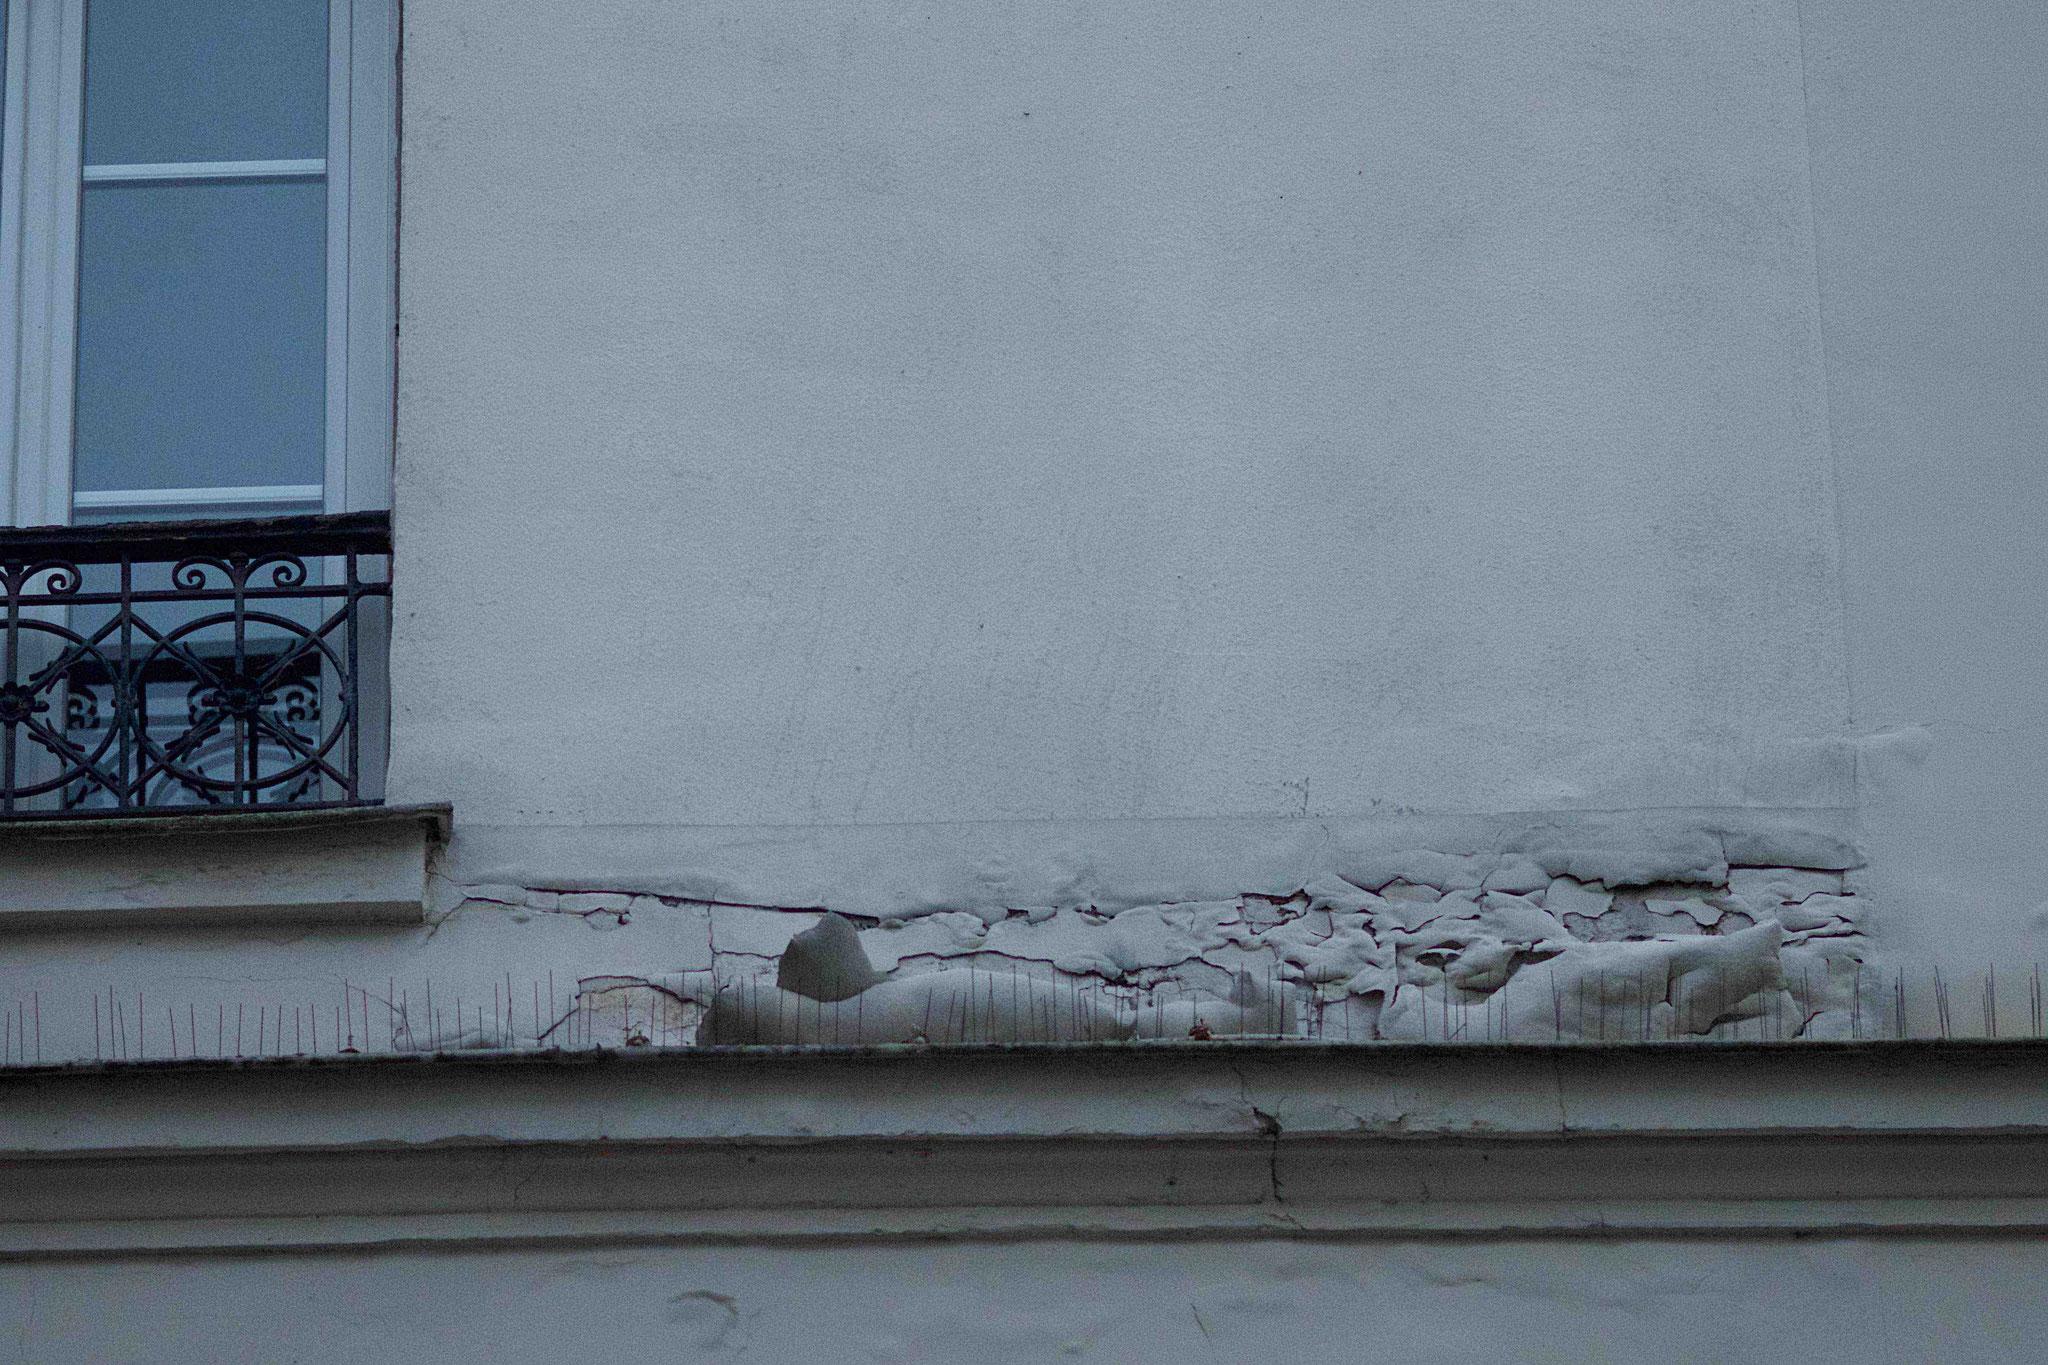 dégradation façade en plâtre, avec une forte condensation intérieure